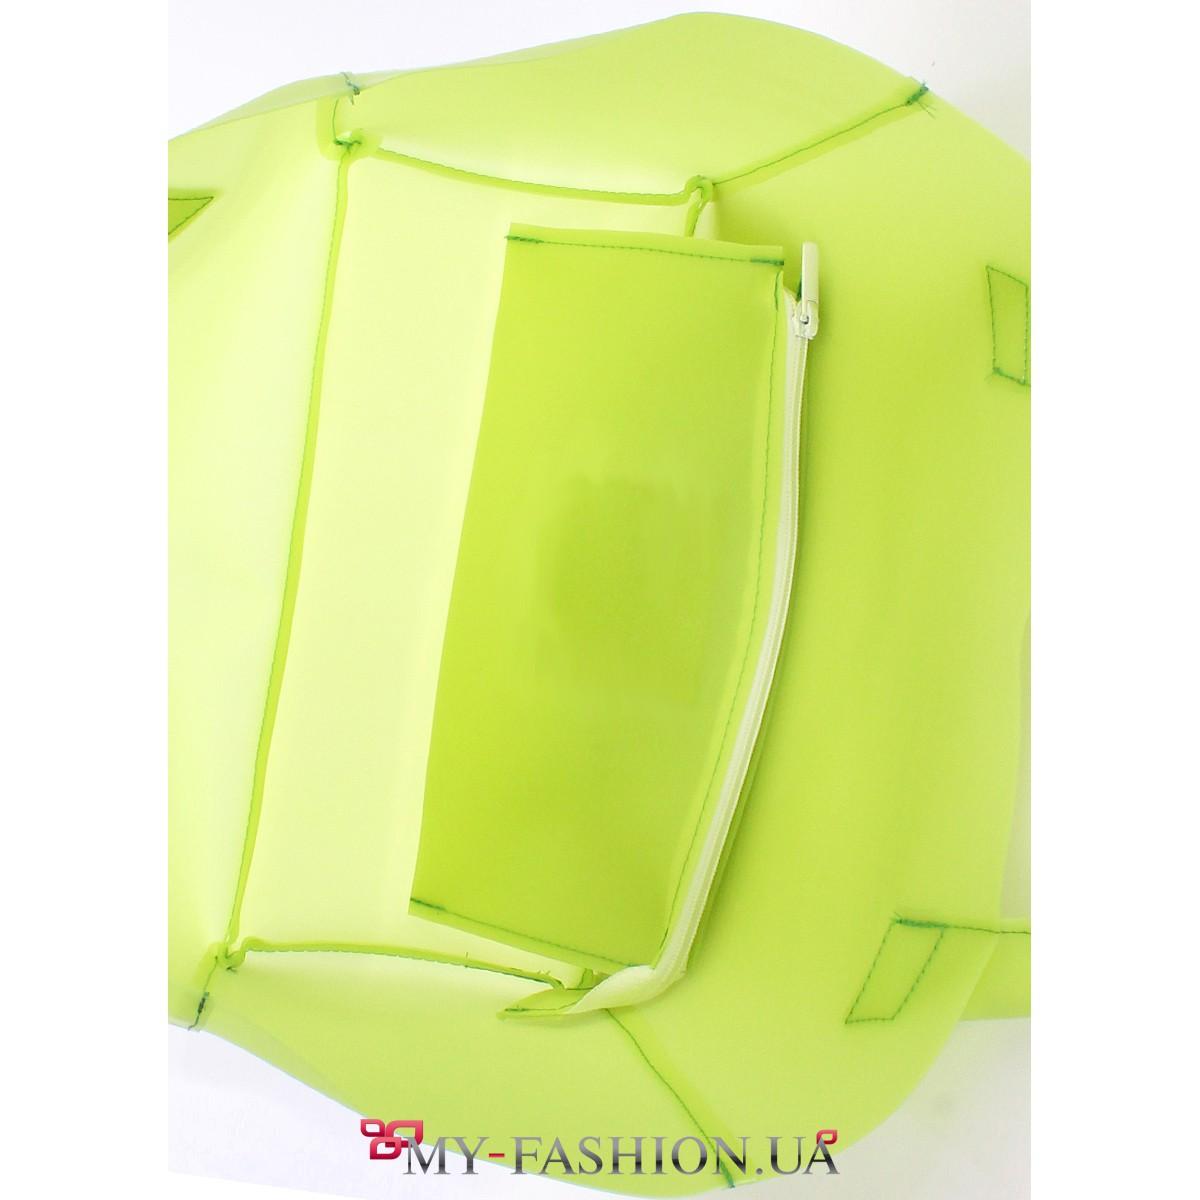 bfe2bf8eb94d Прозрачная сумка с салатовым оттенком · Прозрачная сумка с салатовым  оттенком ...